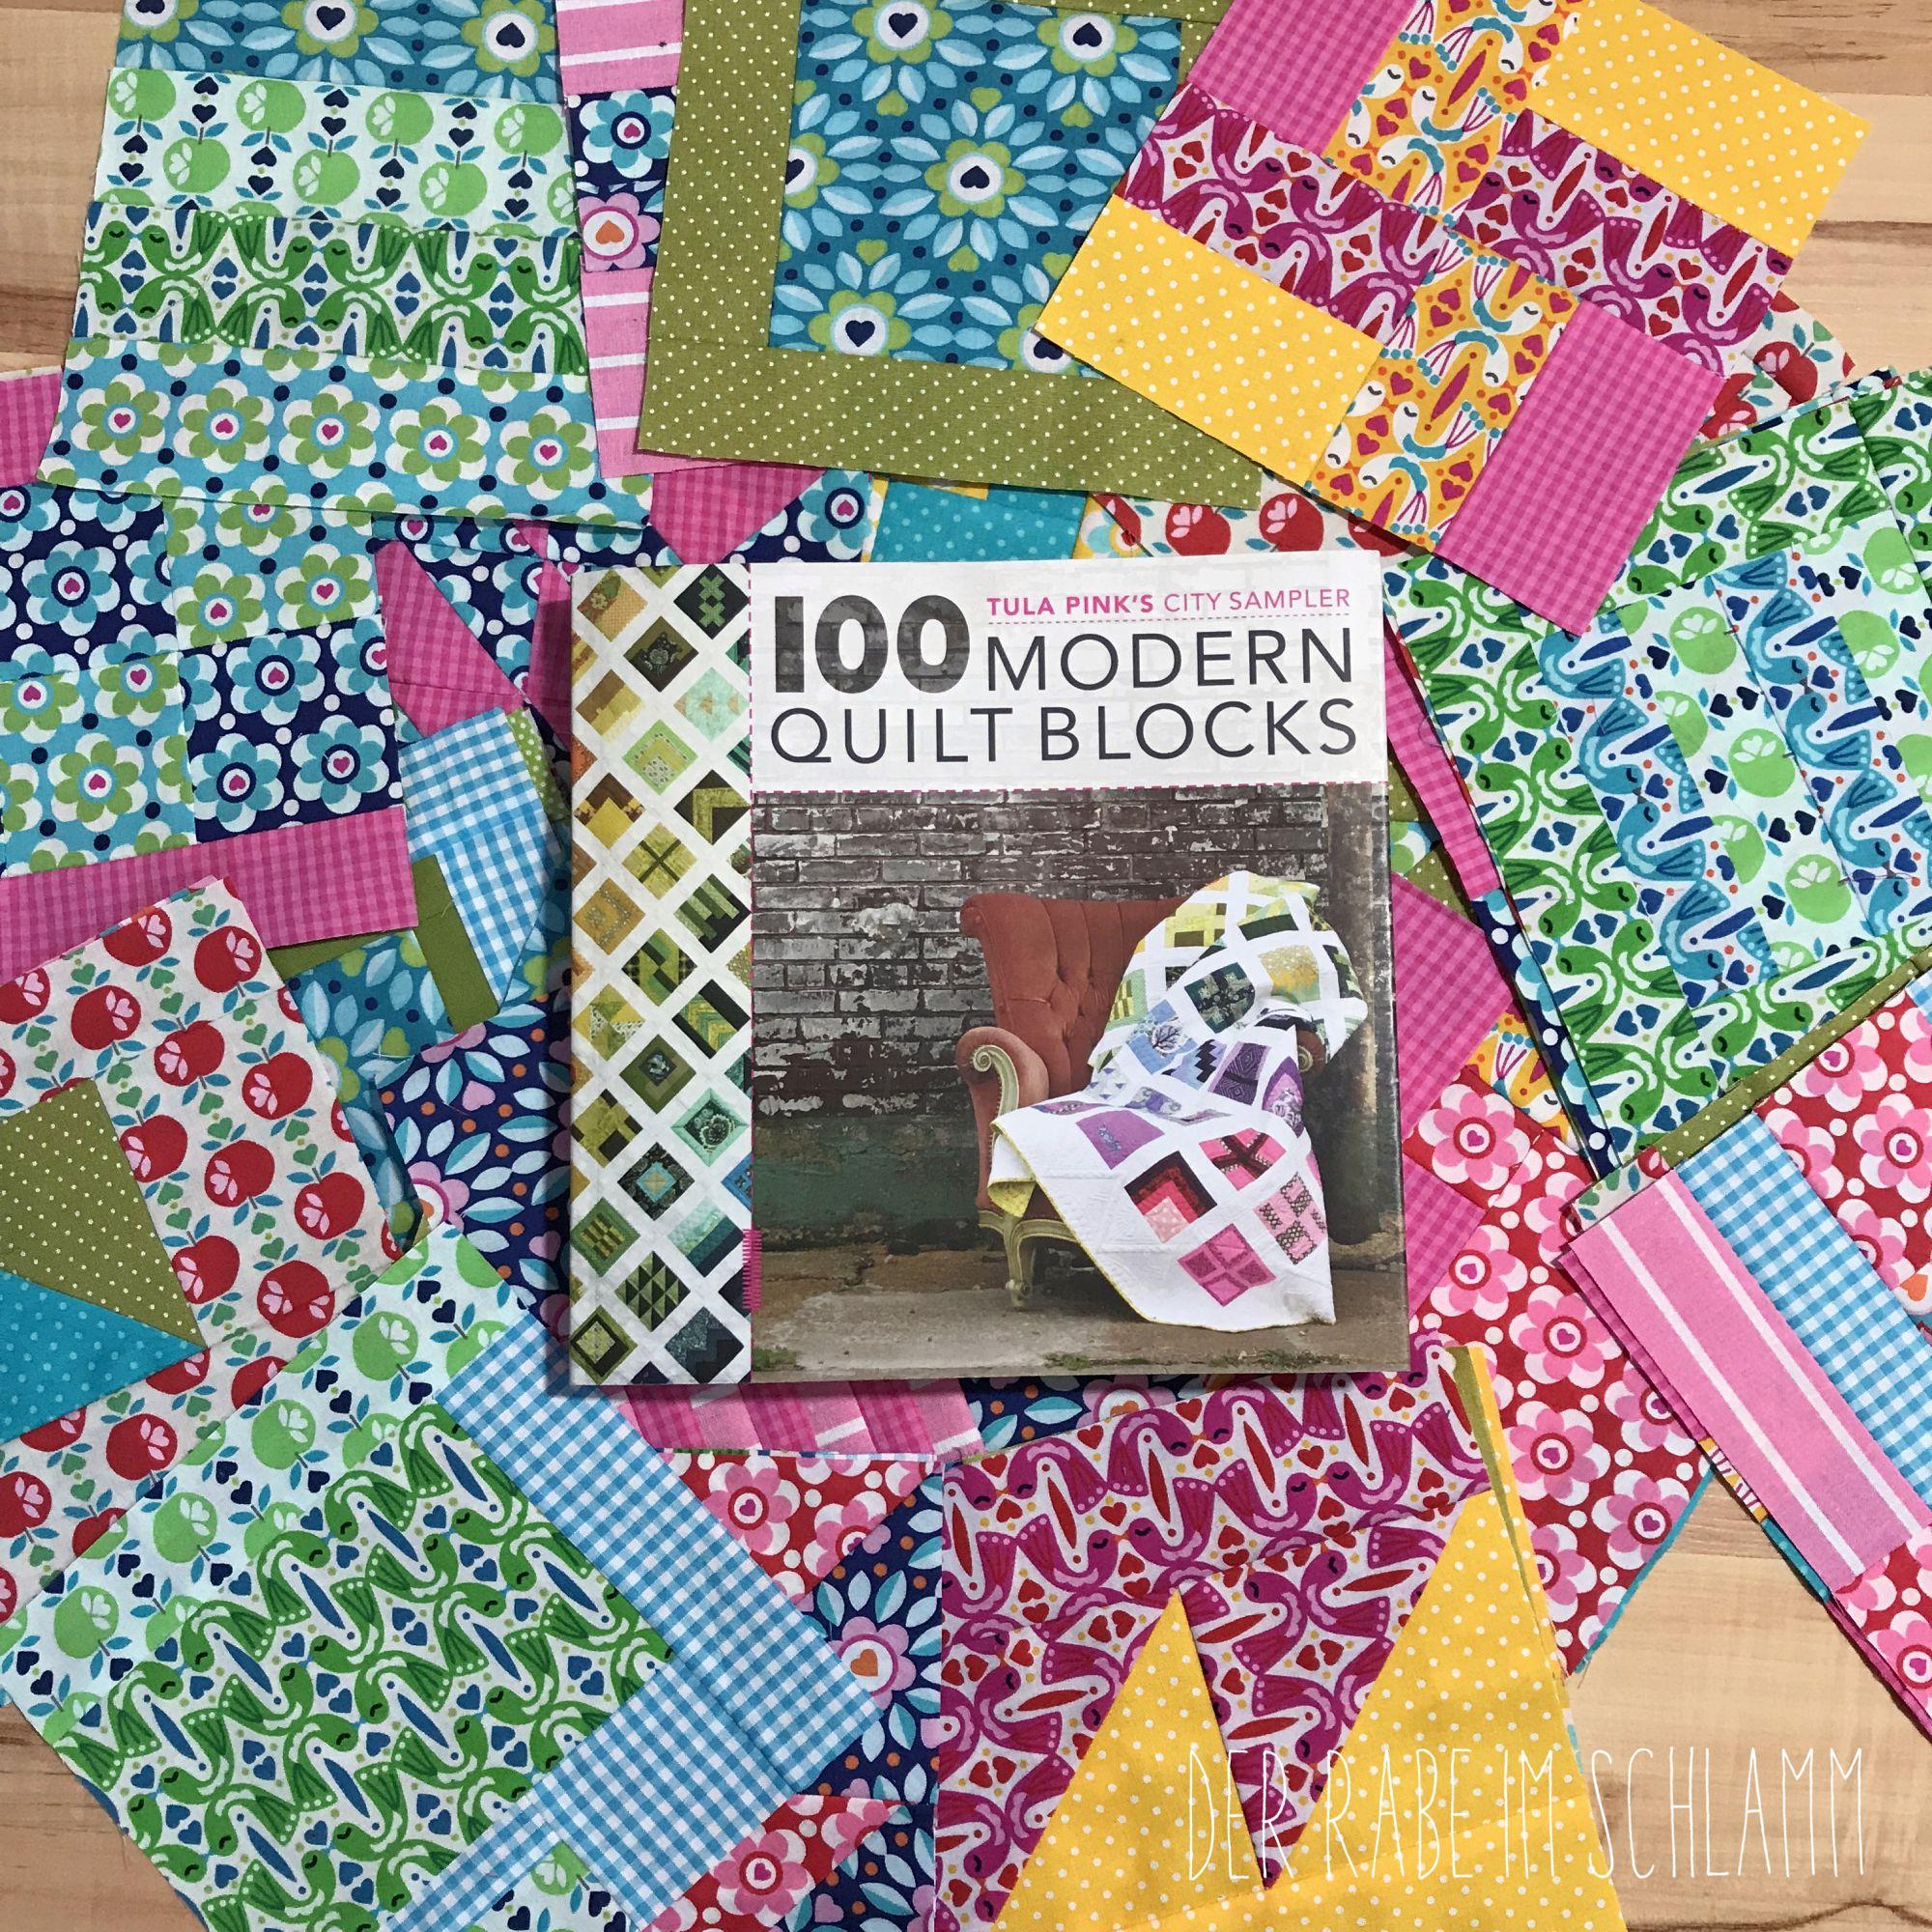 Der Rabe im Schlamm, Patchwork, Quilt, Quilt Along, Tula Pink, 100 Modern Quilt Blocks, Jolijou, Surprise Surprise